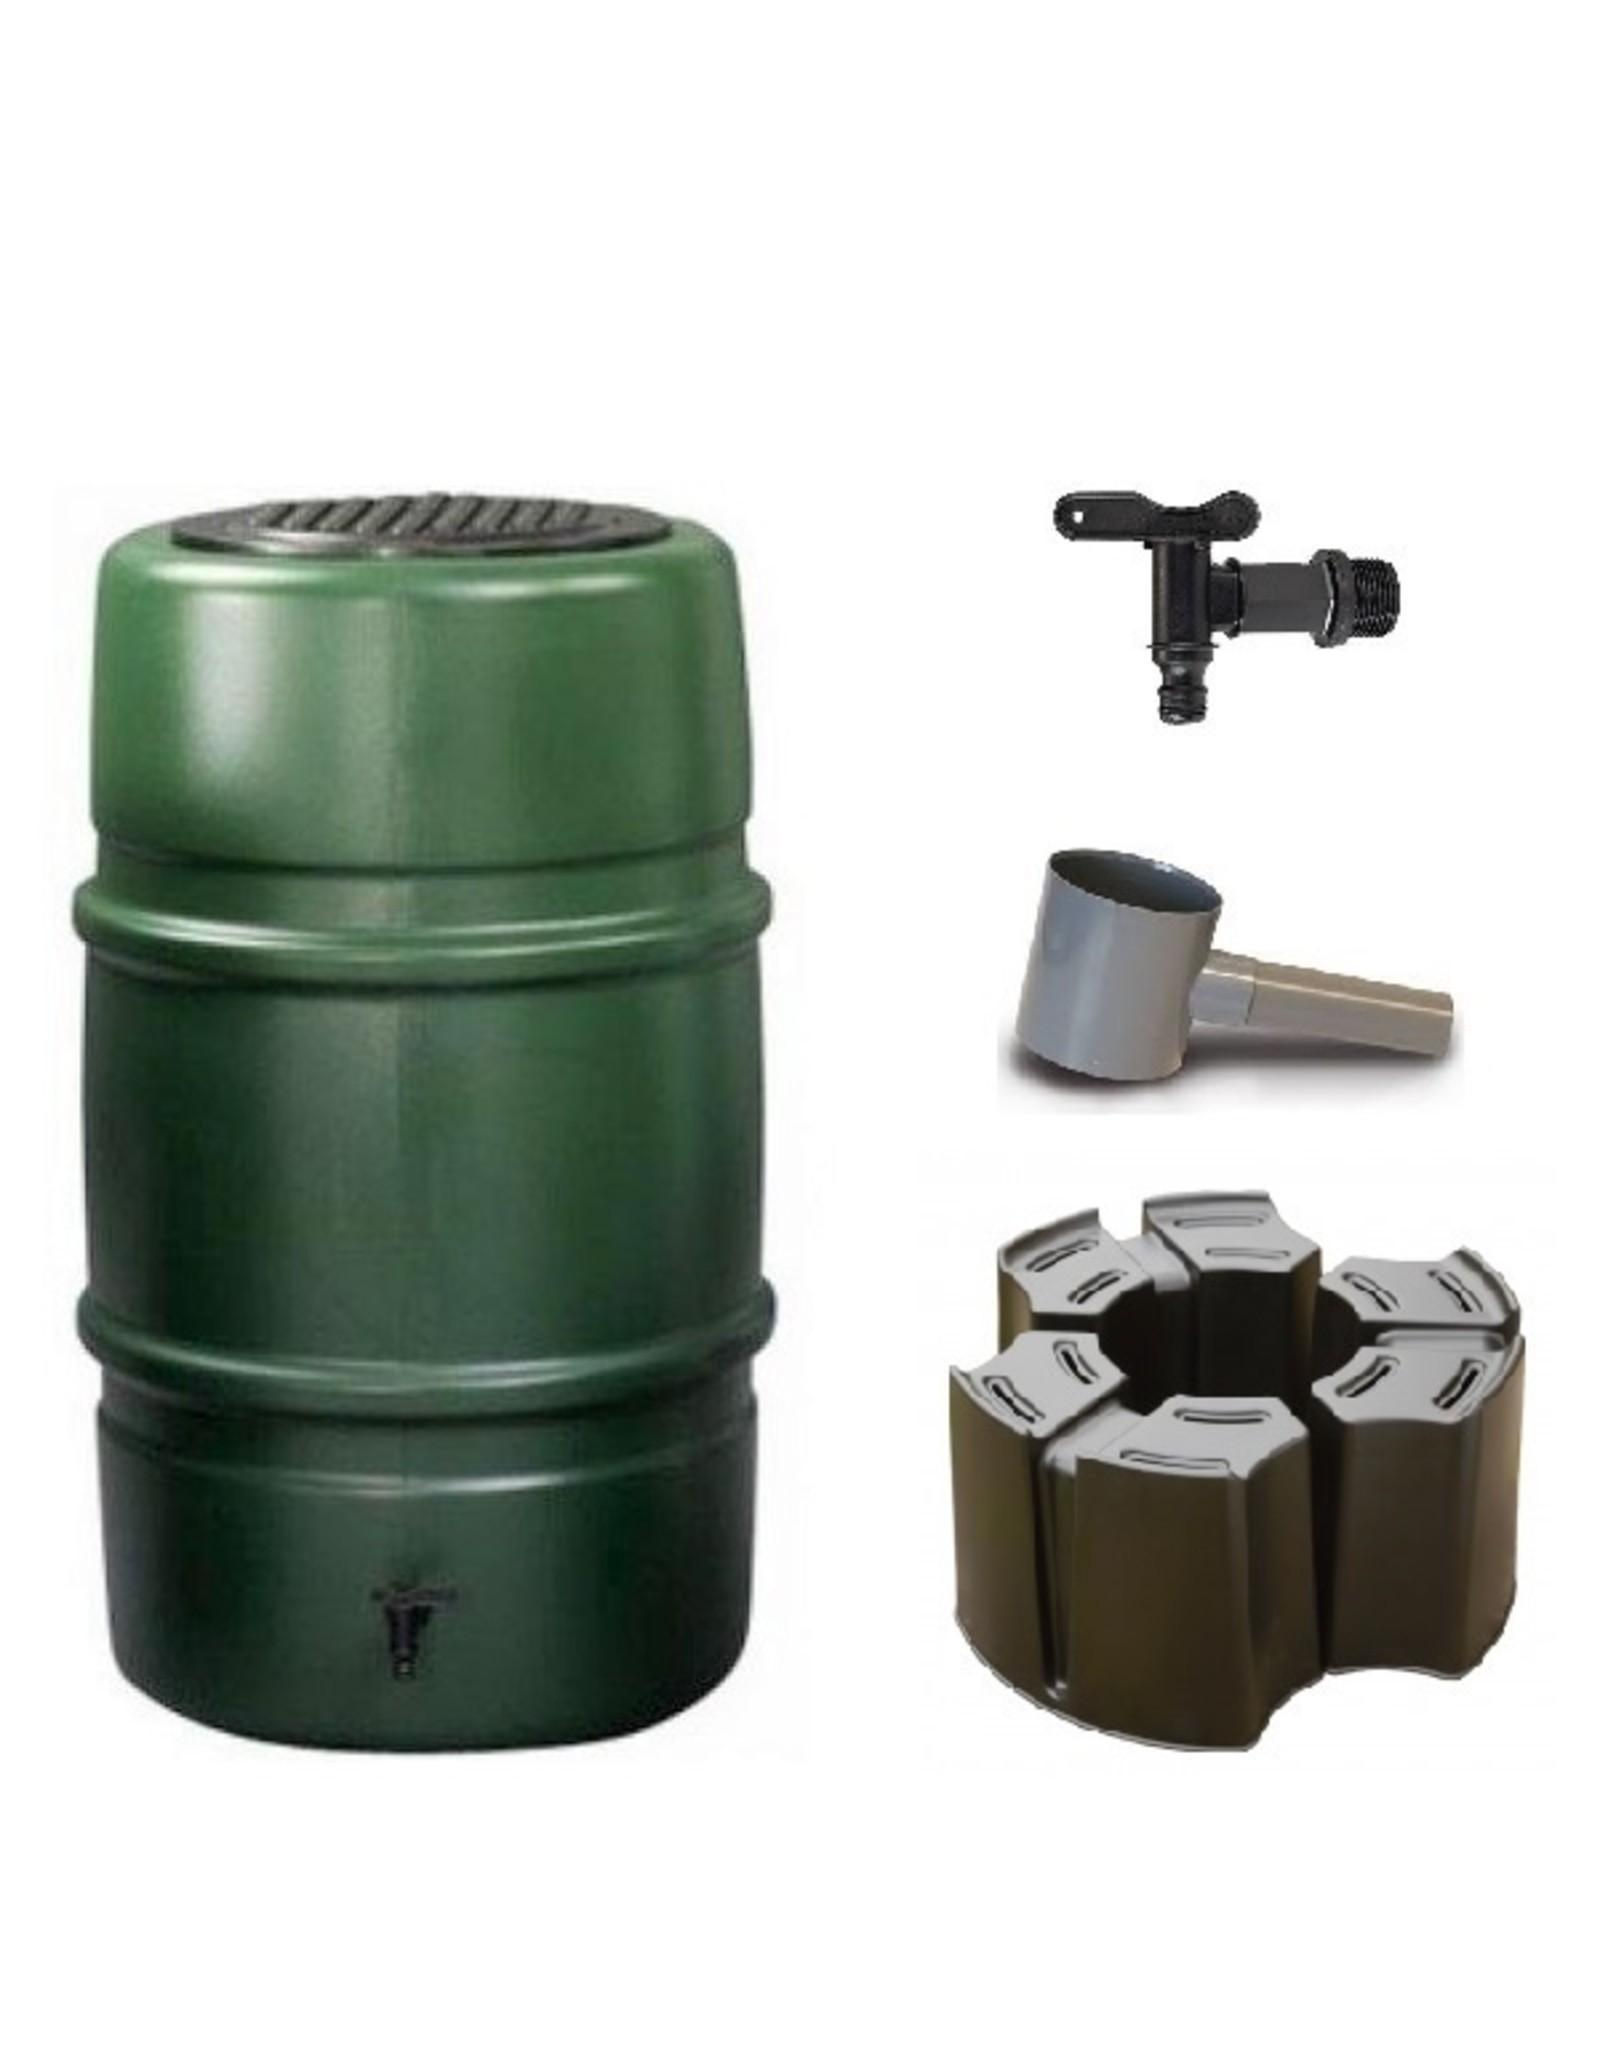 Harcostar regenton 227 liter groen (Voordeelset)